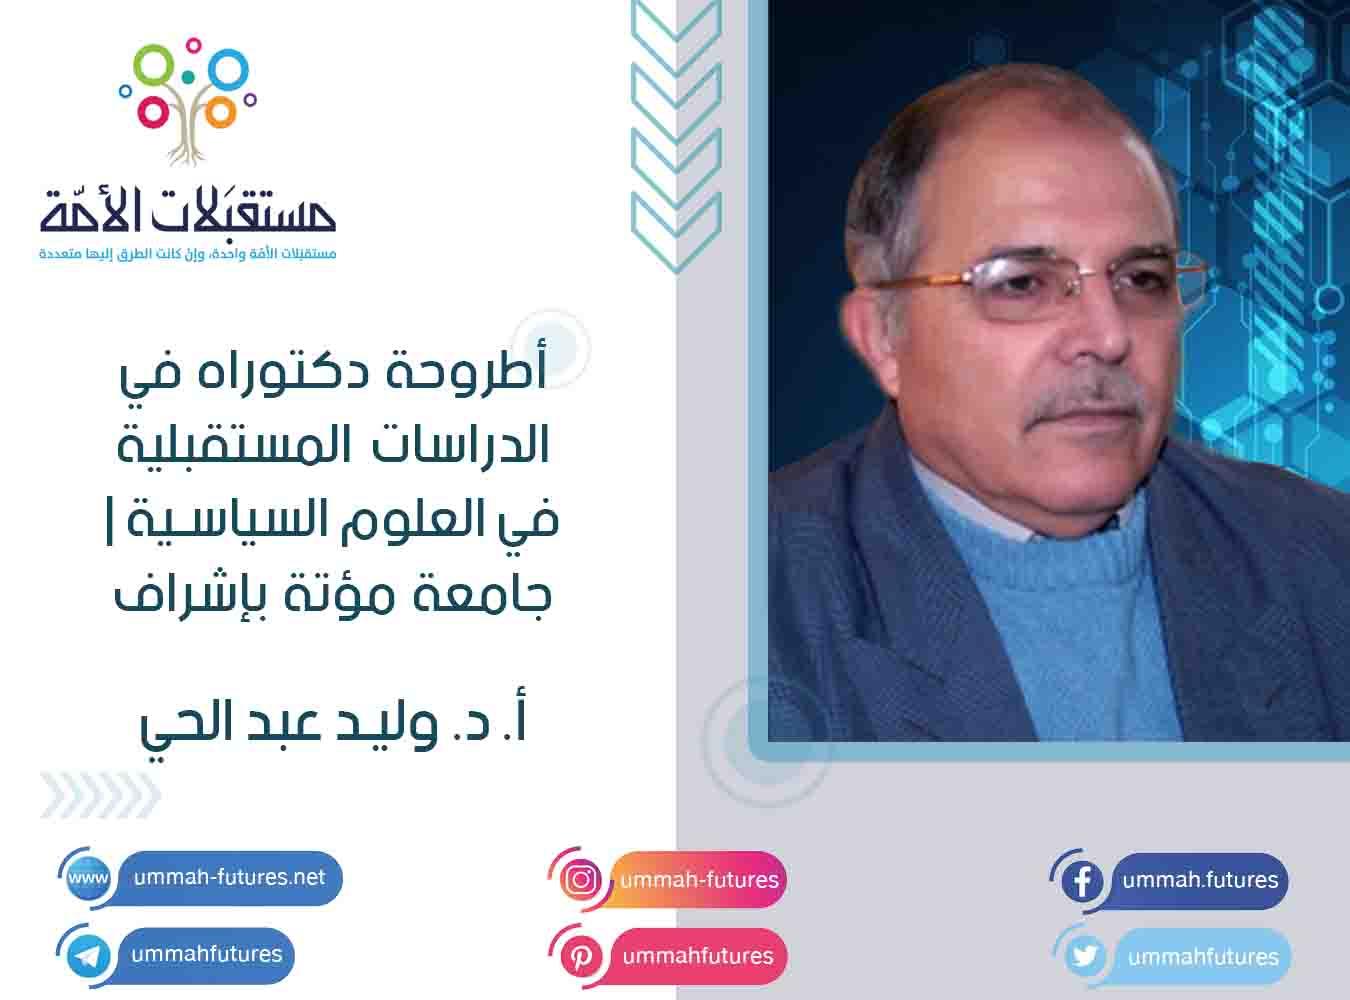 أطروحة دكتوراه في الدراسات المستقبلية في العلوم السياسية / جامعة مؤتة بإشراف أ. د. وليد عبد الحي